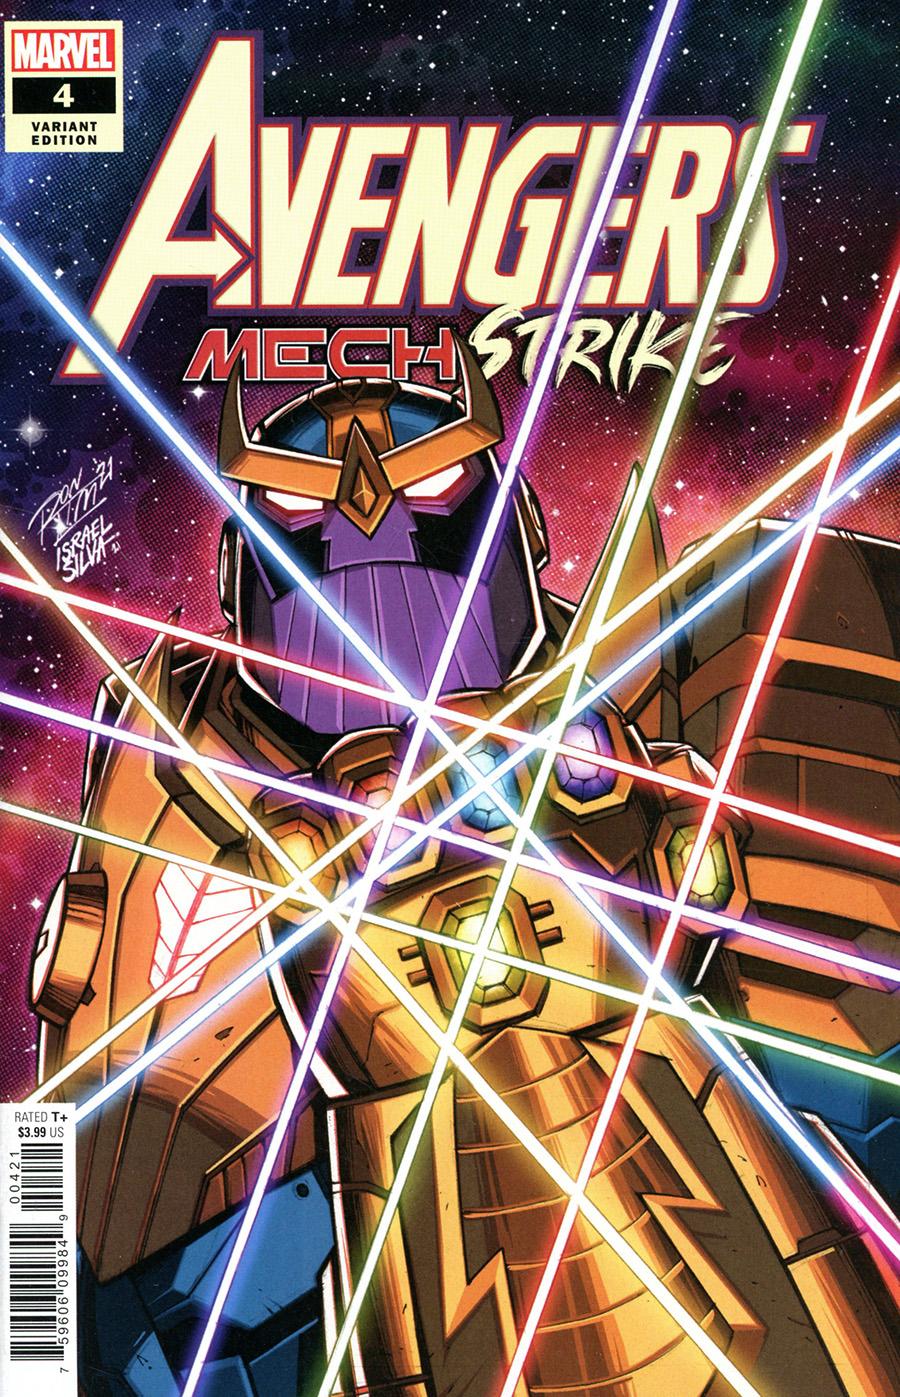 Avengers Mech Strike #4 Cover B Variant Ron Lim Cover